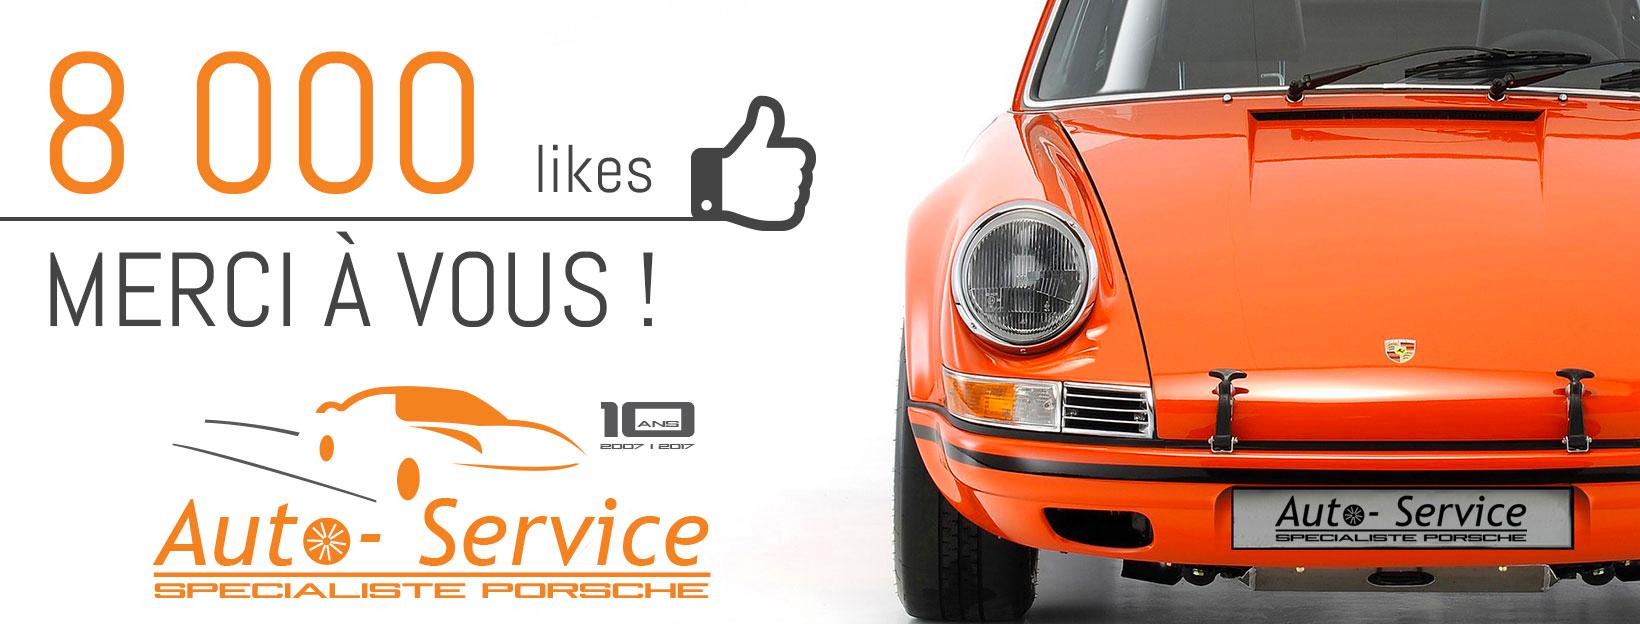 Porsche-Facebook-Banner-Like-Sidney-Malgras-UX-UI-Designer